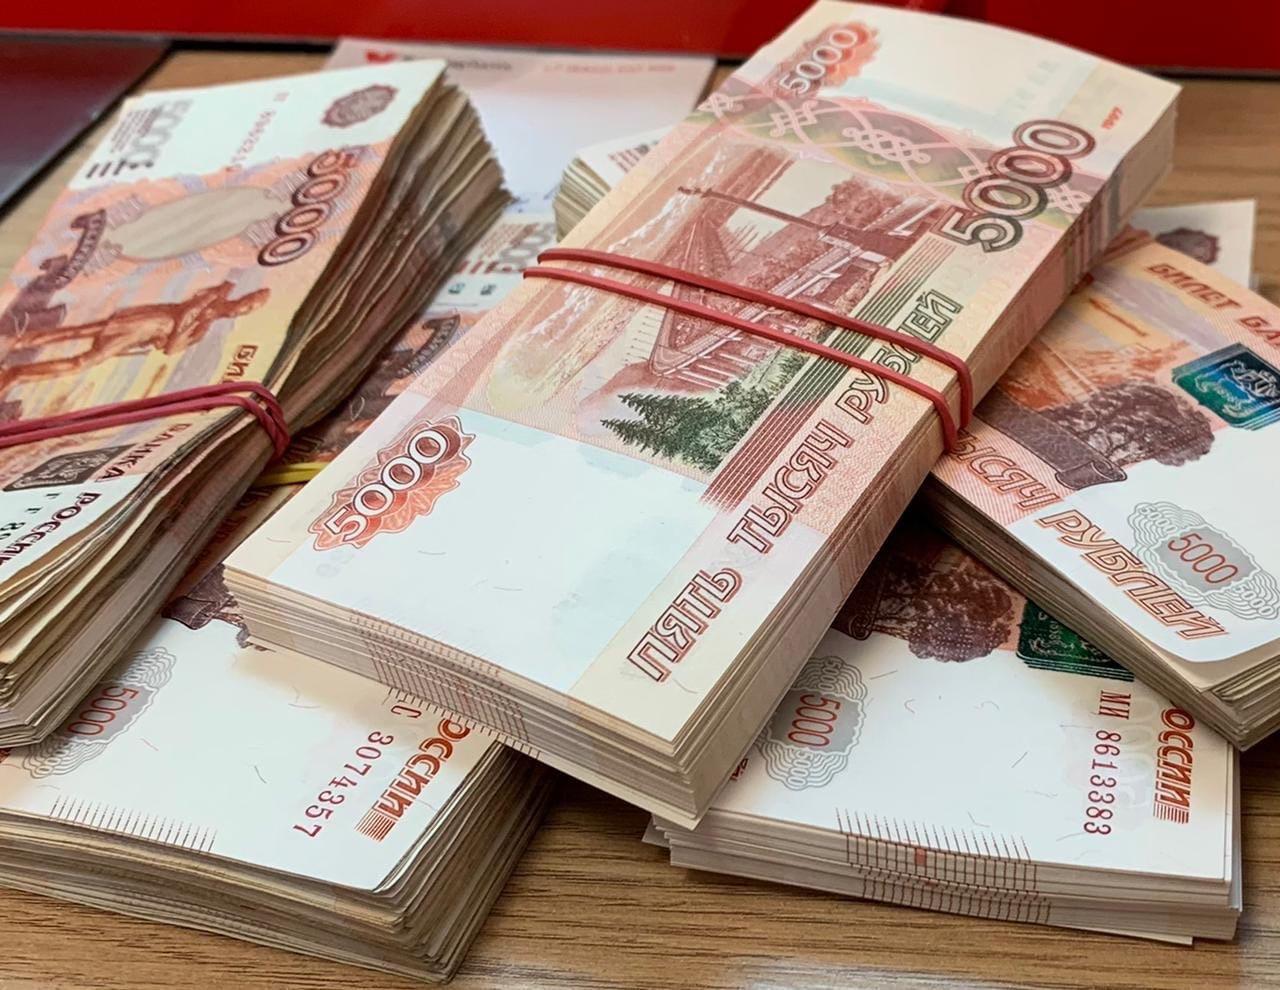 345 тысяч рублей украл у пенсионера житель Ульяновска, фото-1